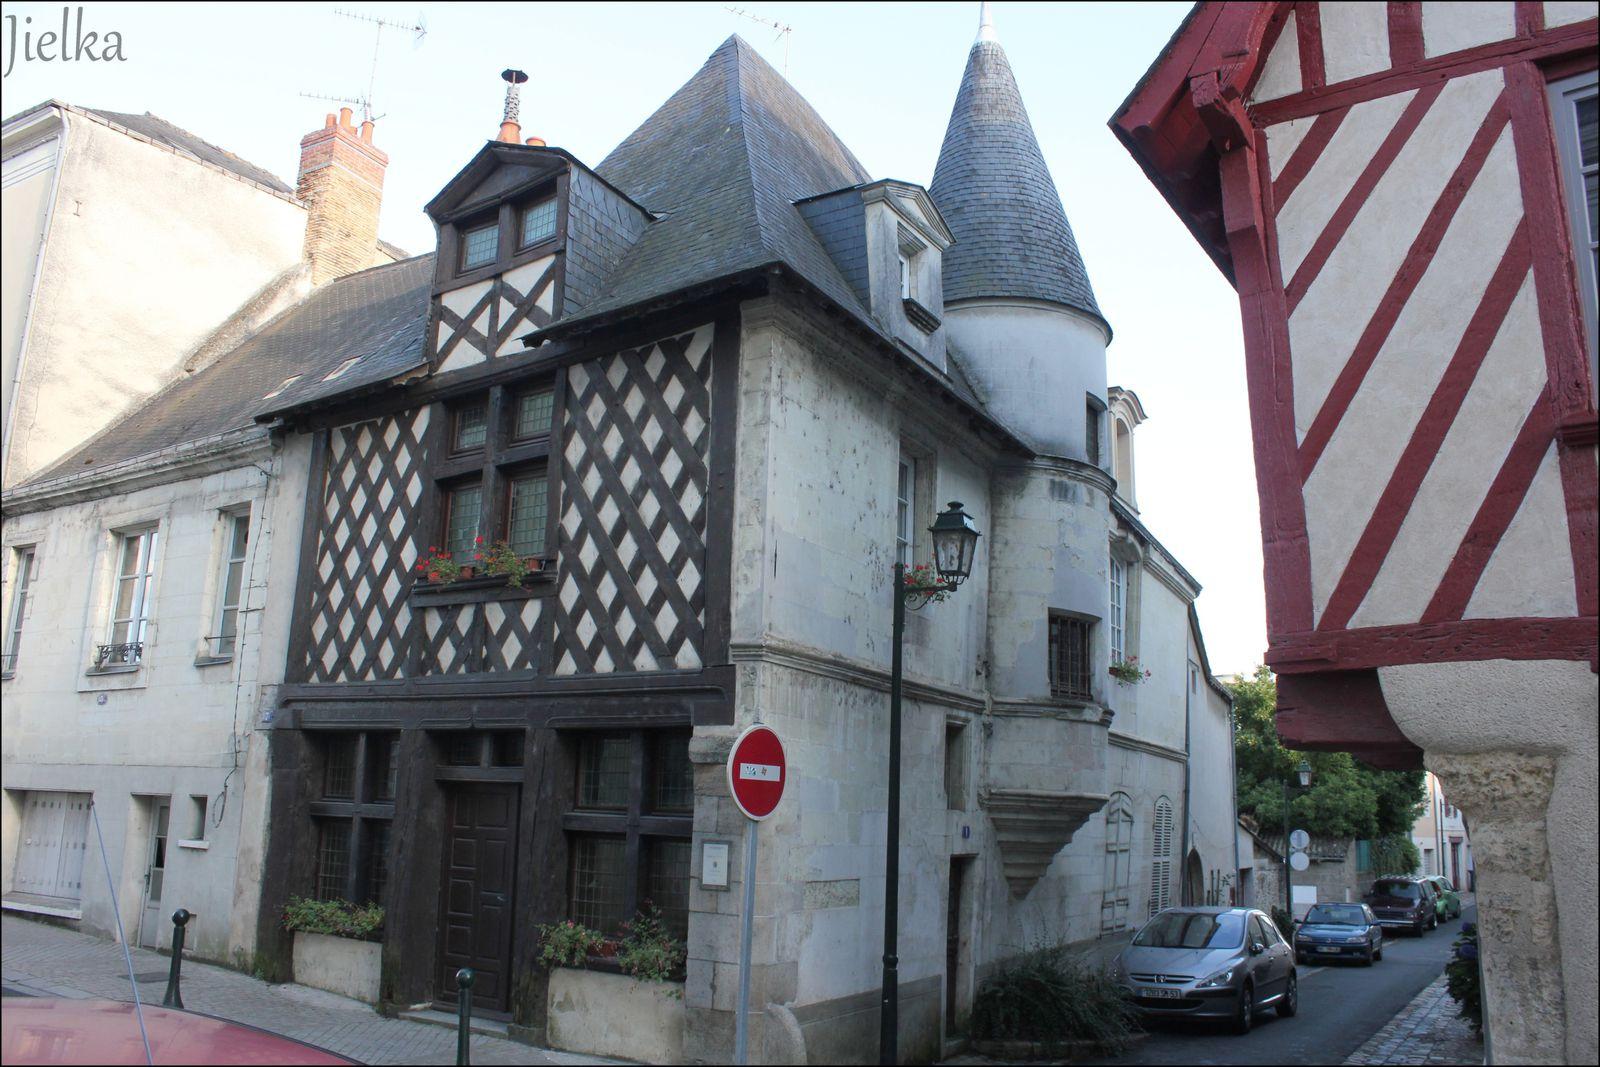 CHÂTEAU-GONTIER (jolies maisons à pan de bois)